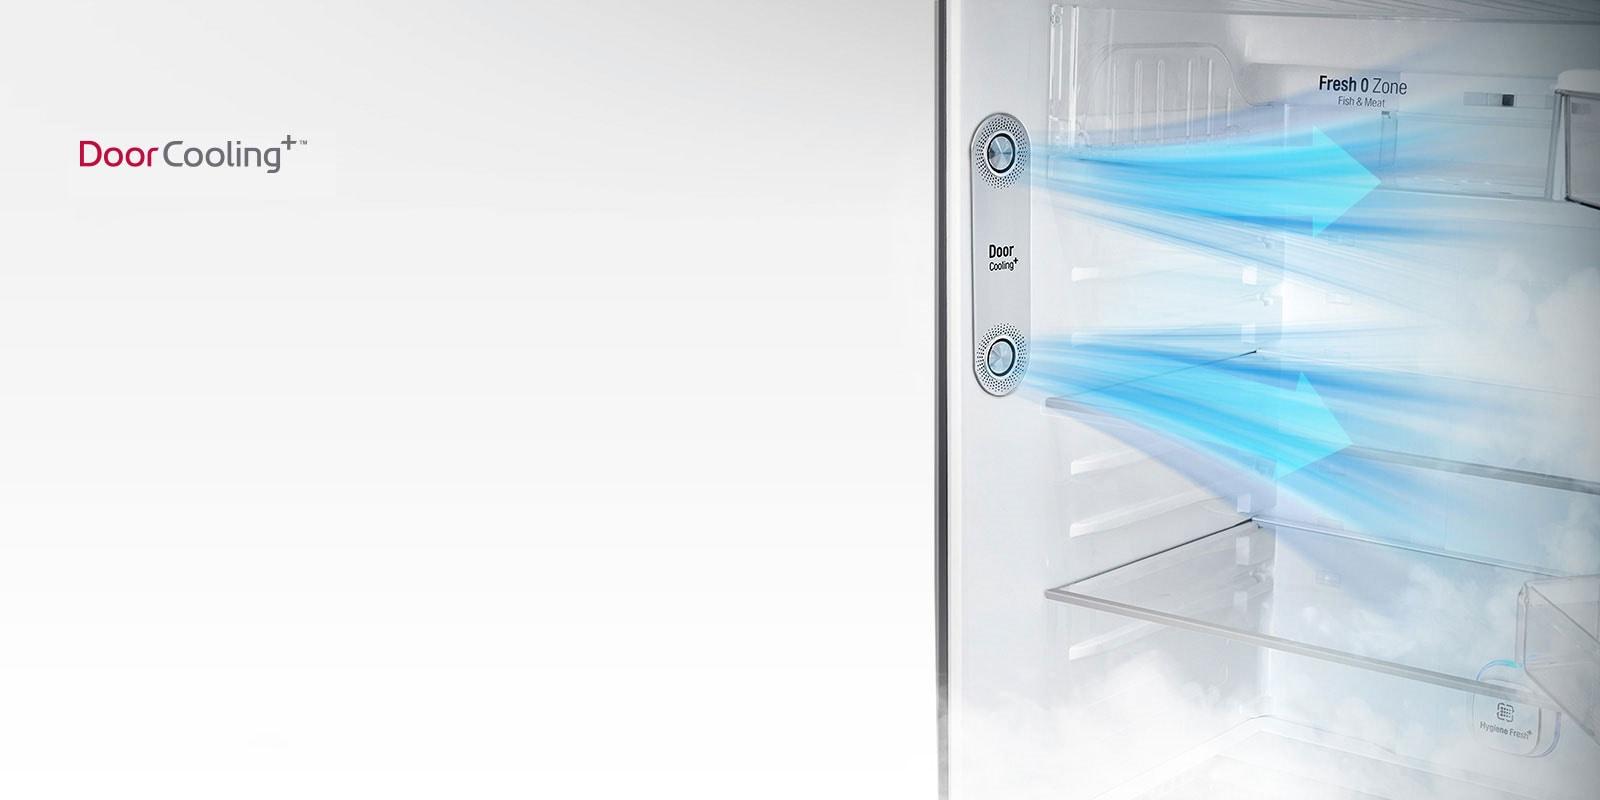 Feature_03_DoorCooling_D1